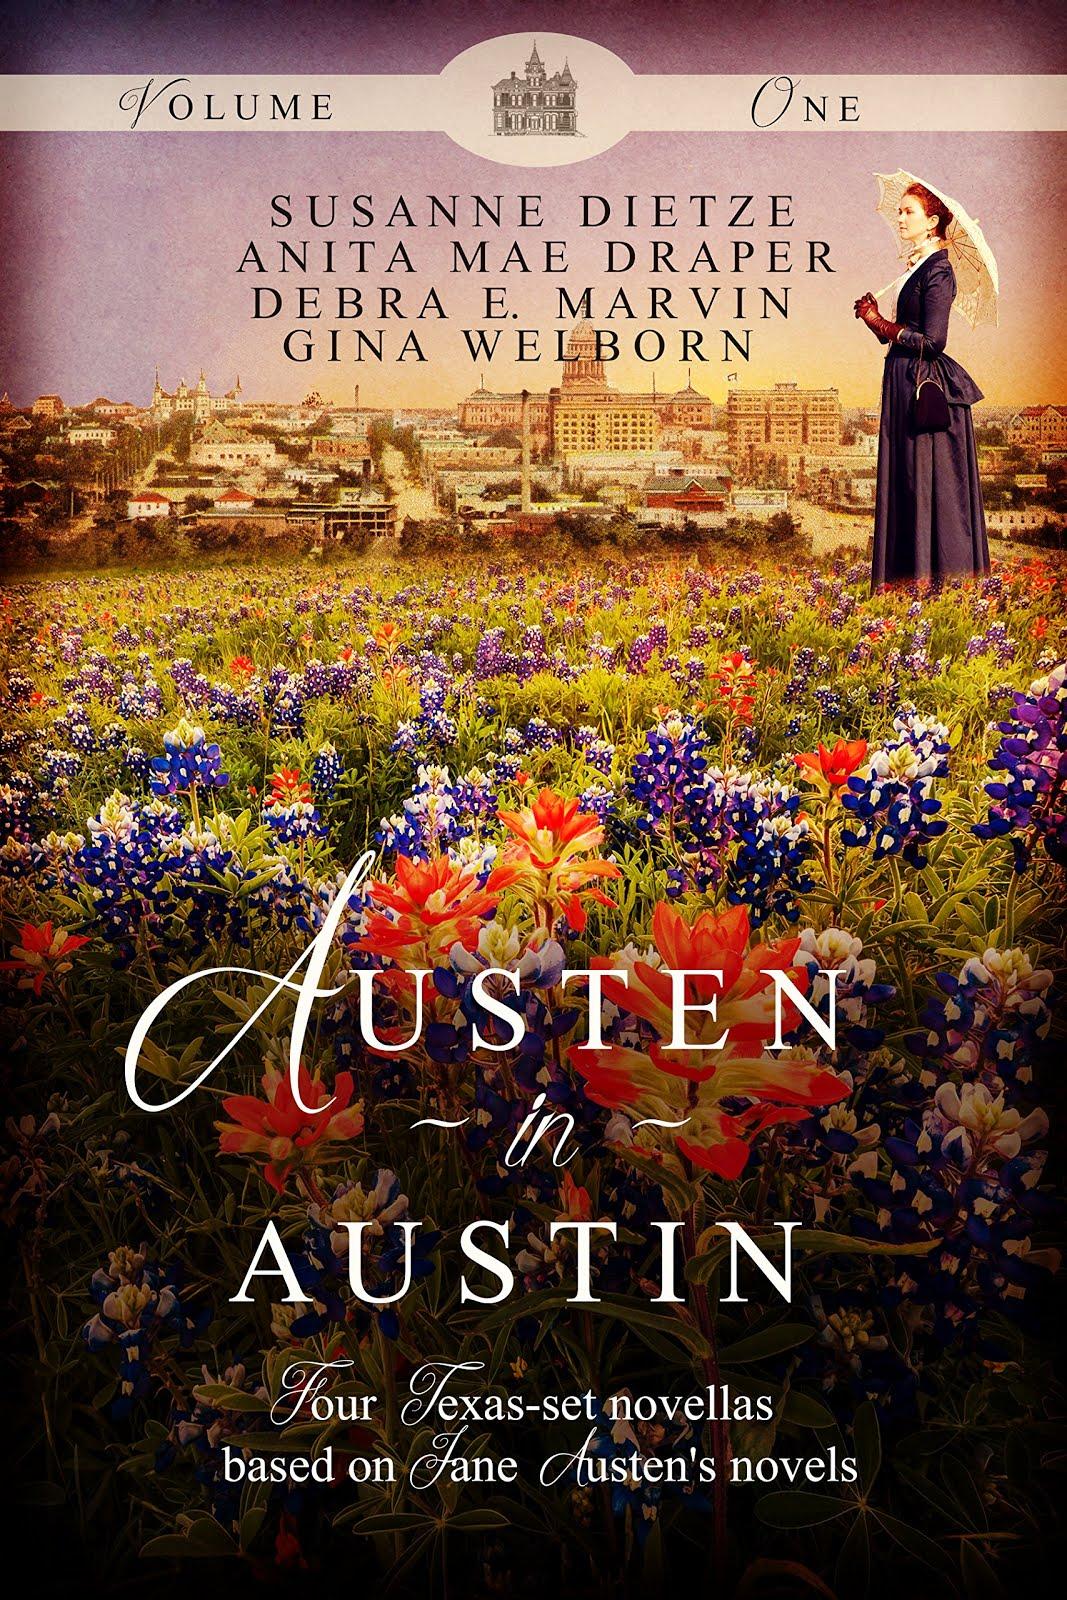 Austen in Austin, Volume I